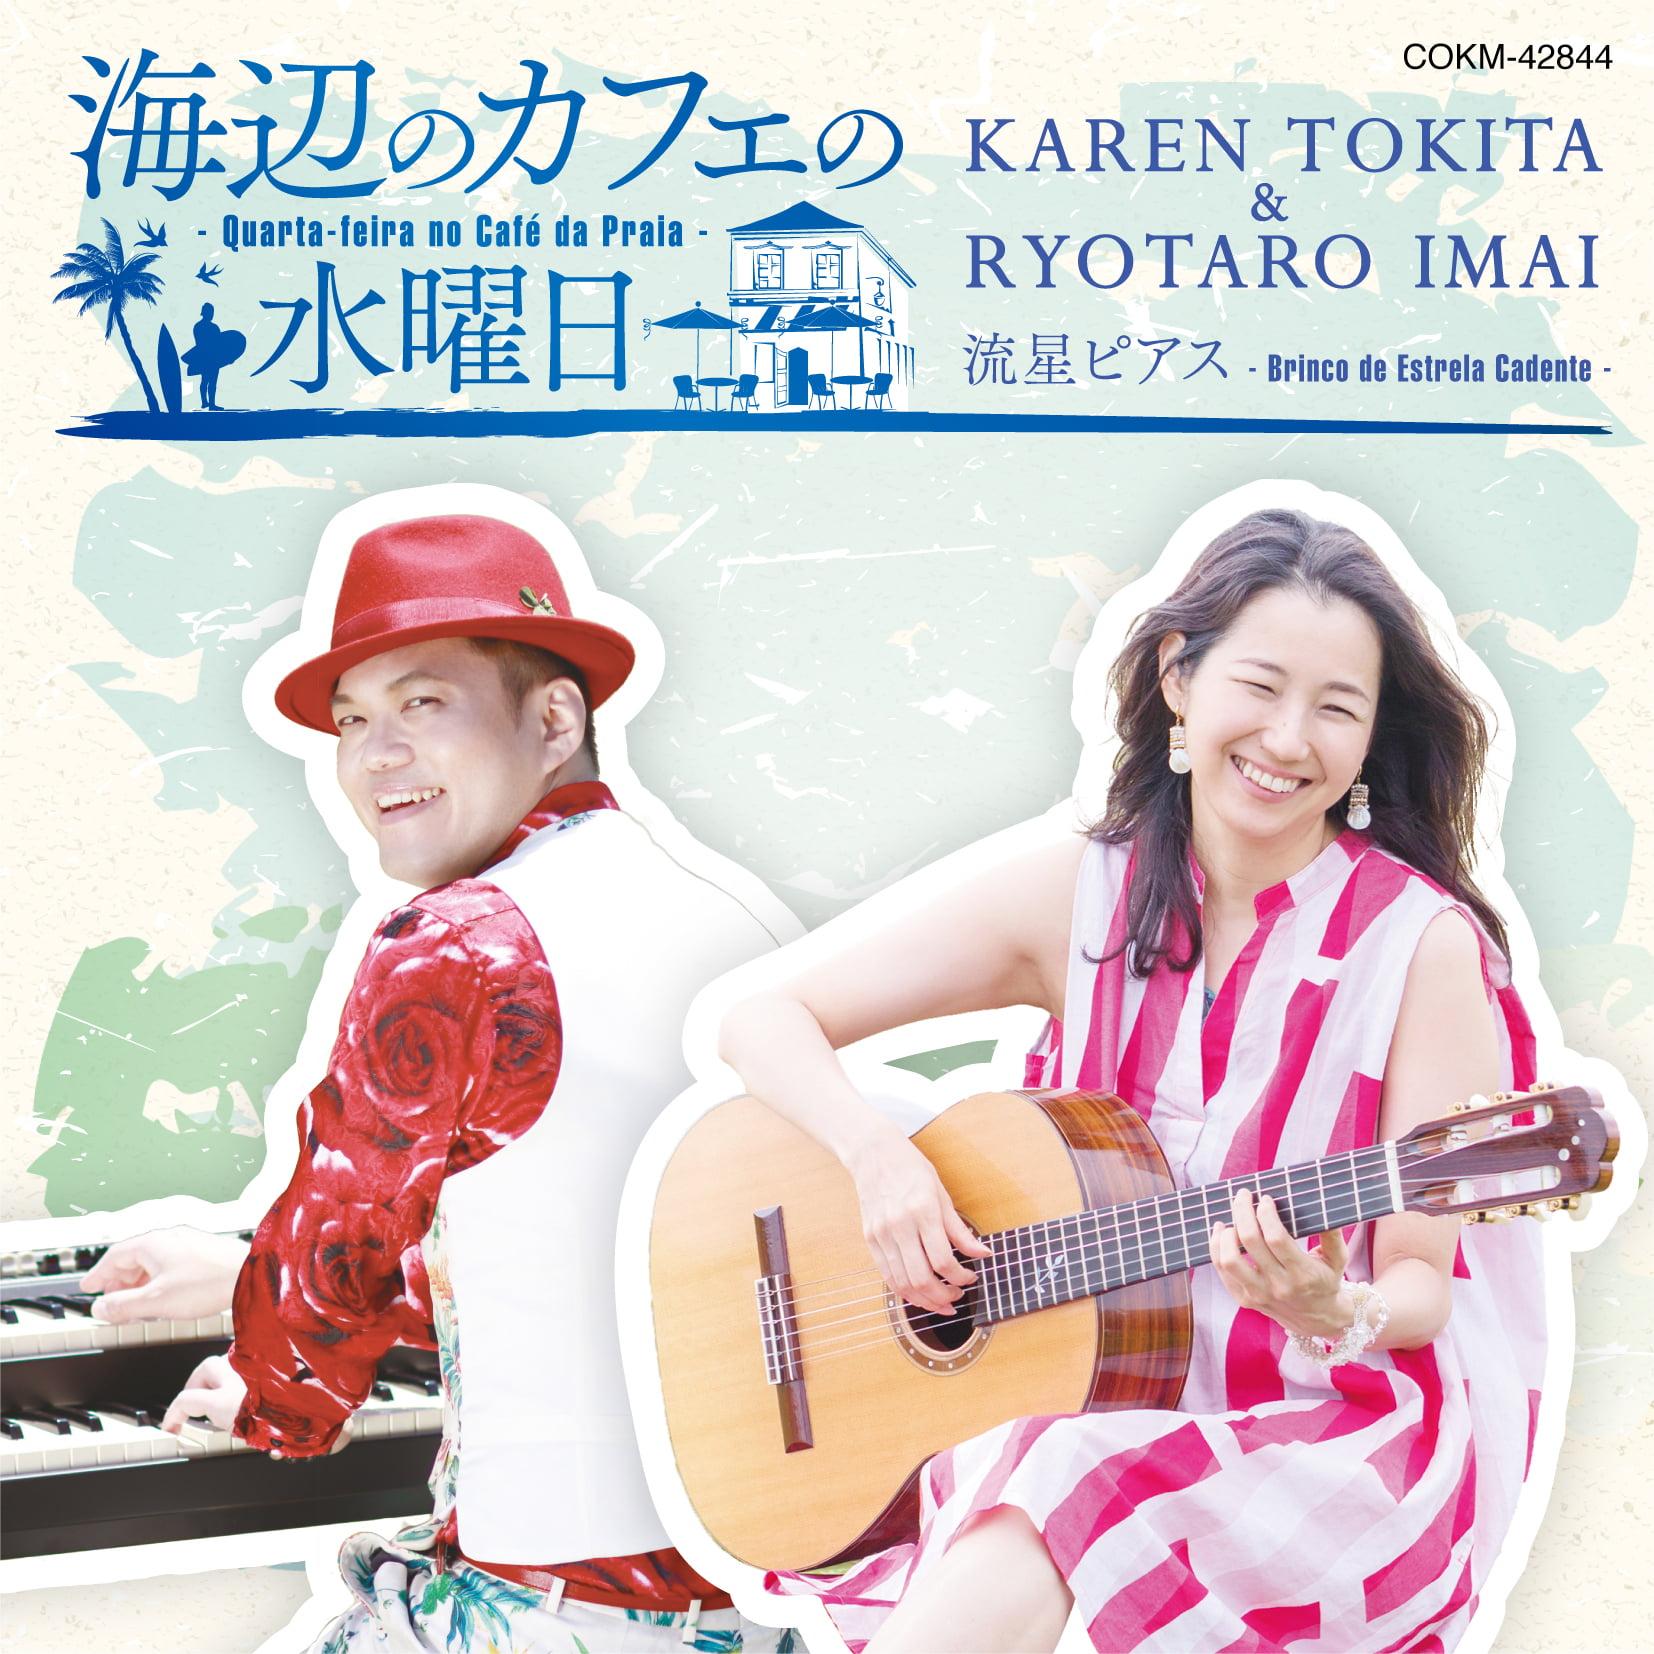 海辺のカフェの水曜日 / Karen Tokita & 今井亮太郎